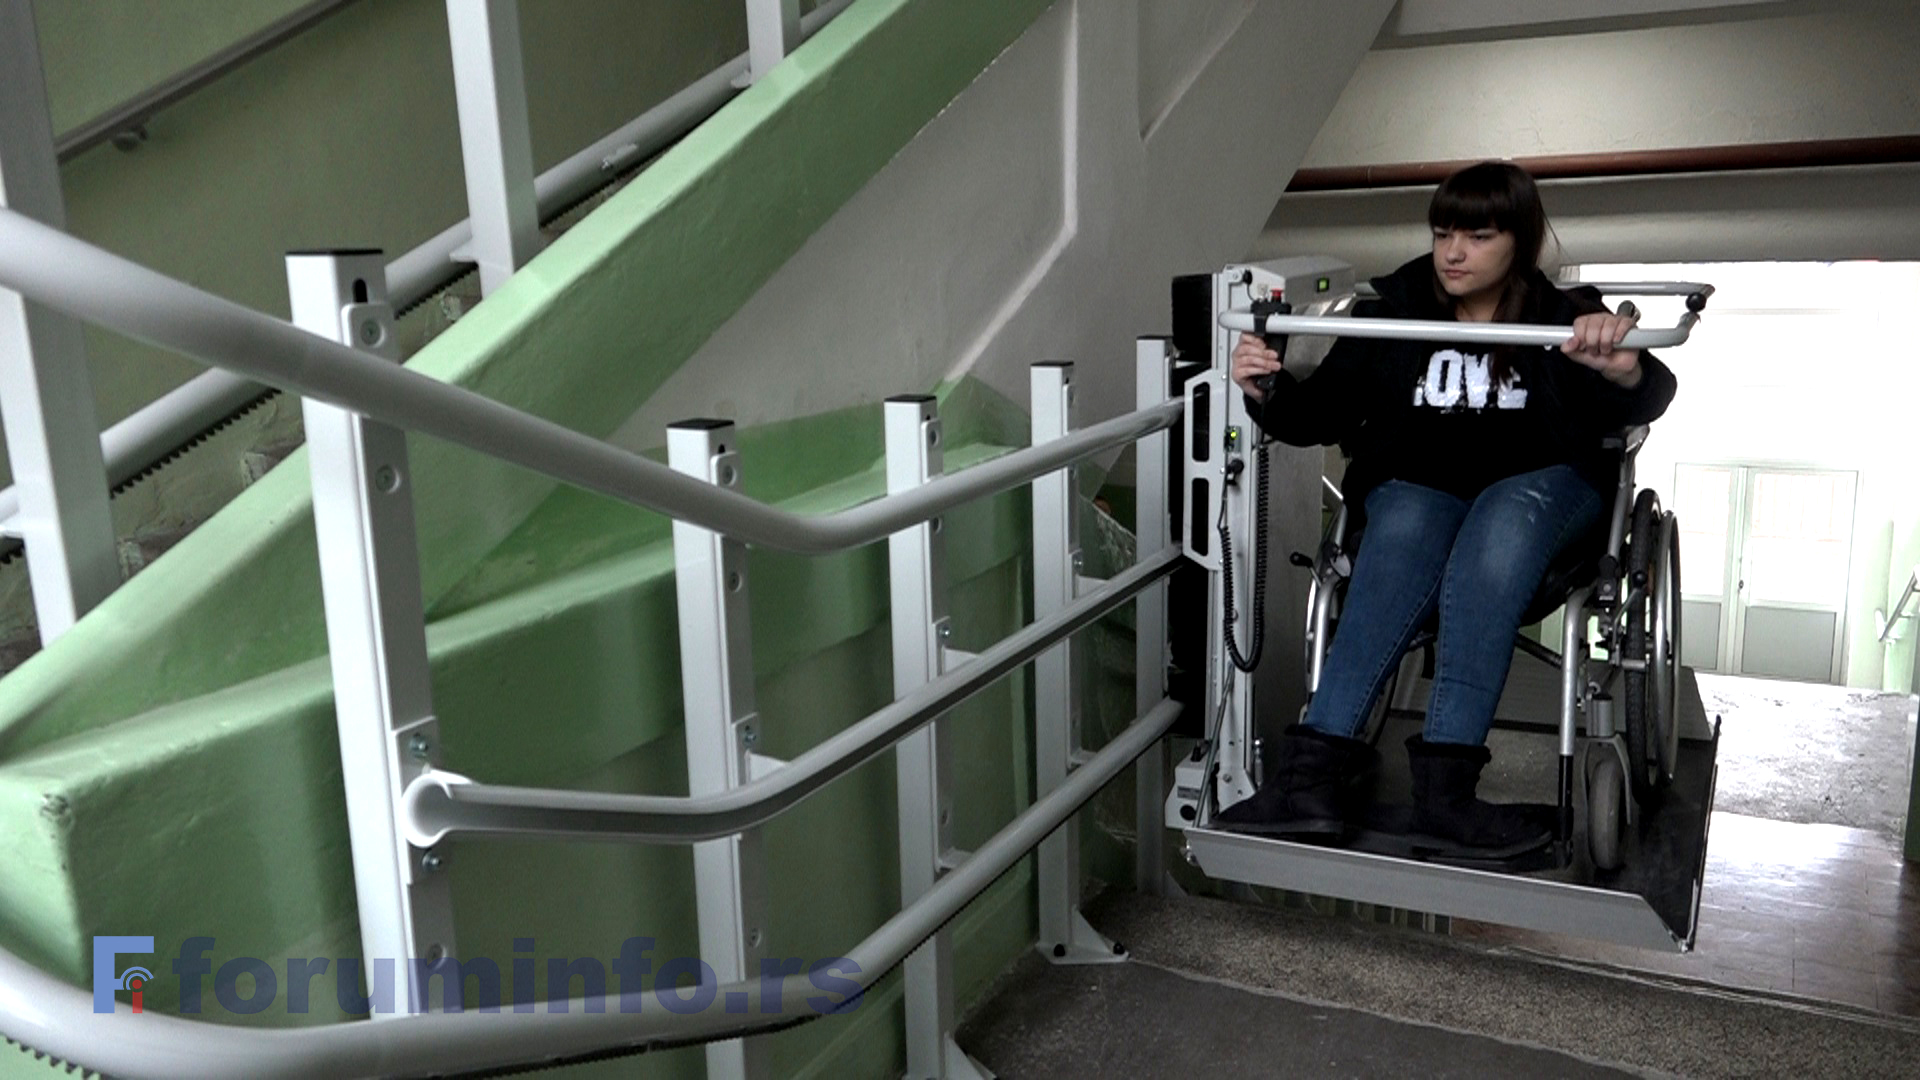 Економско – трговинска школа у Пријепољу обезбедила платформу за ђаке са инвалидитетом